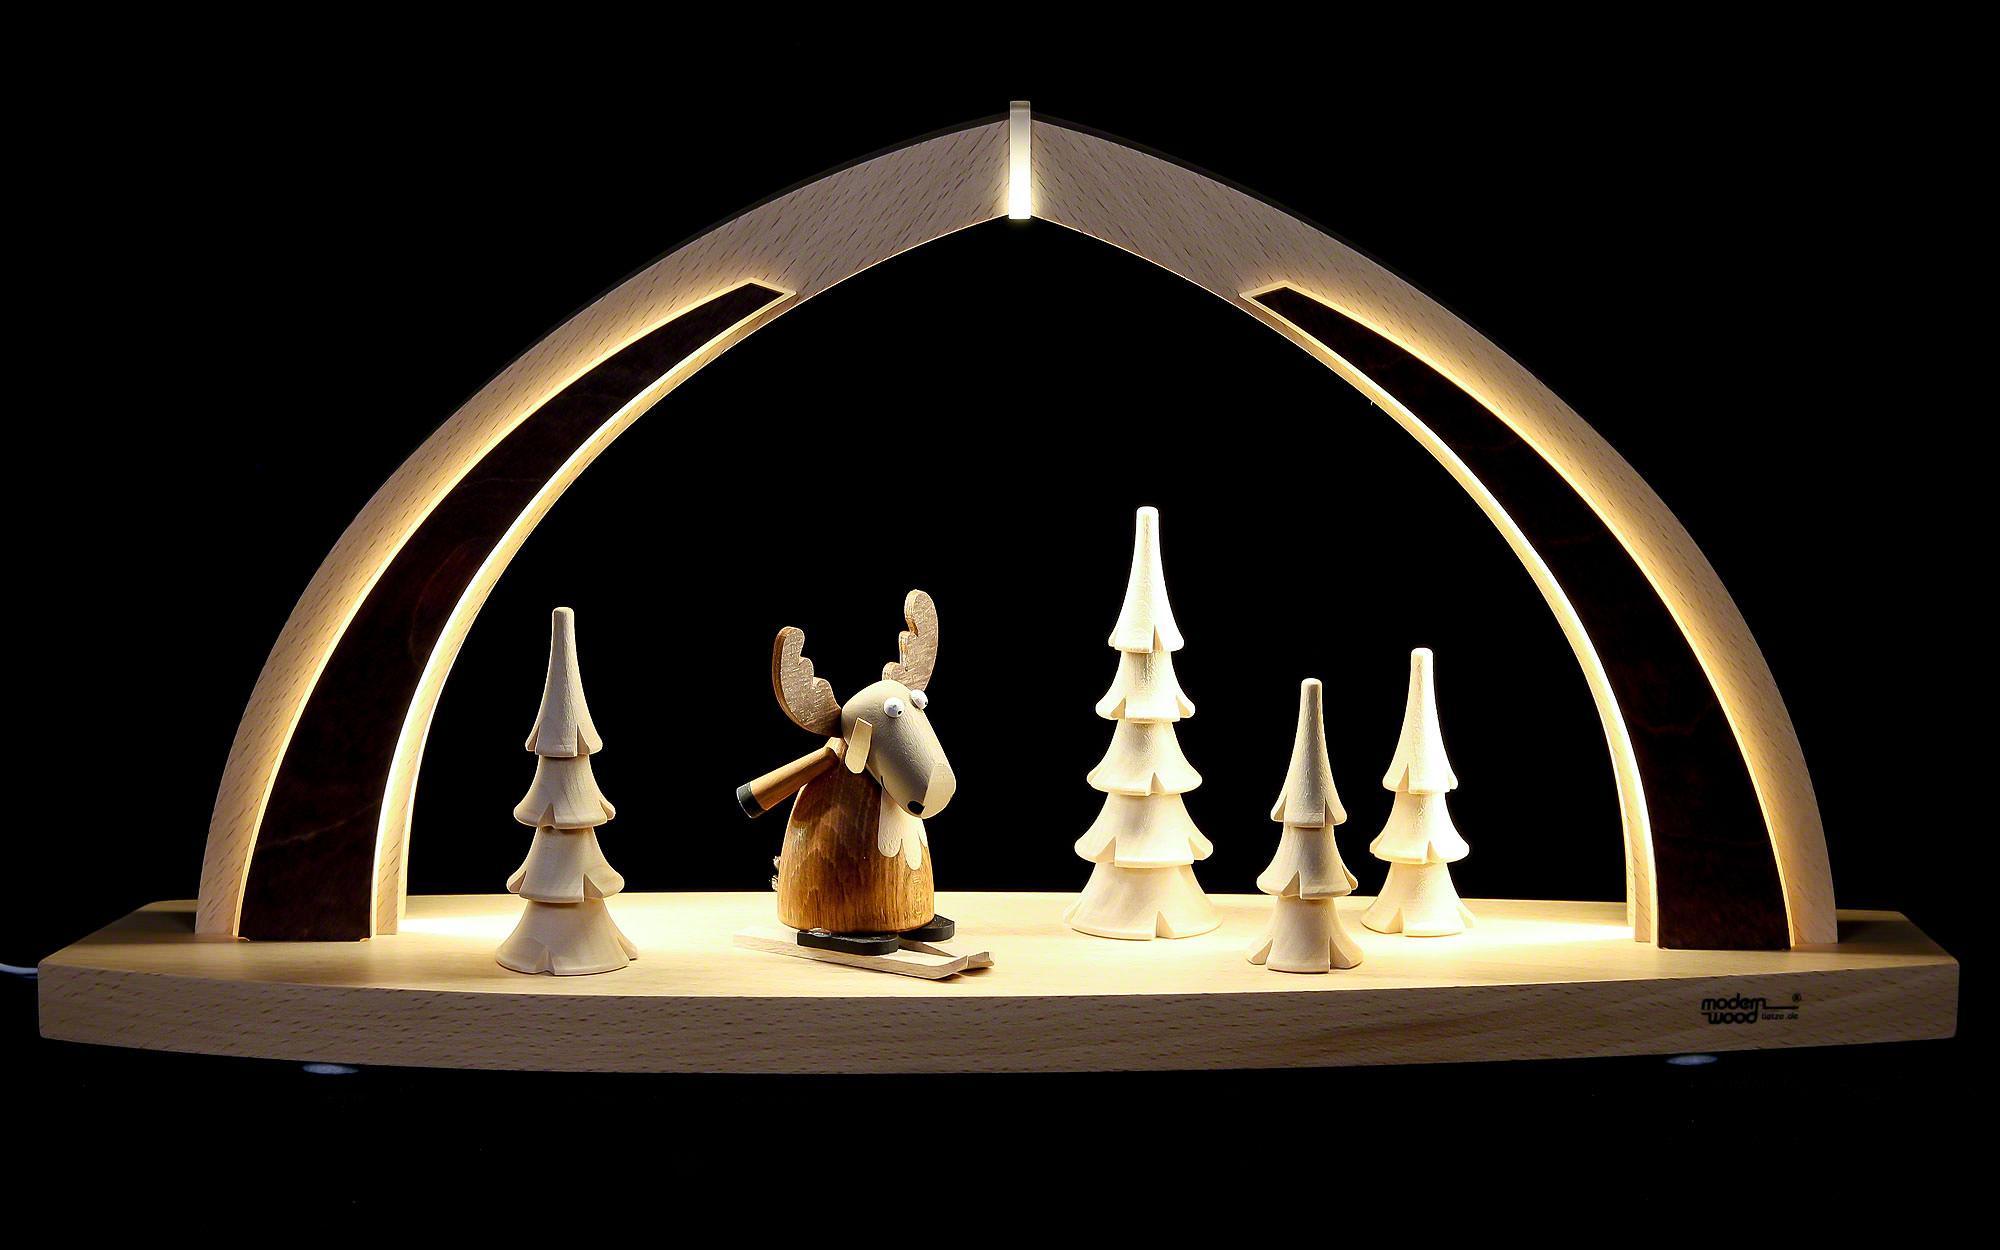 schwibbogen modern wood led bogen klein elch 41x20x9 5cm von tietze. Black Bedroom Furniture Sets. Home Design Ideas